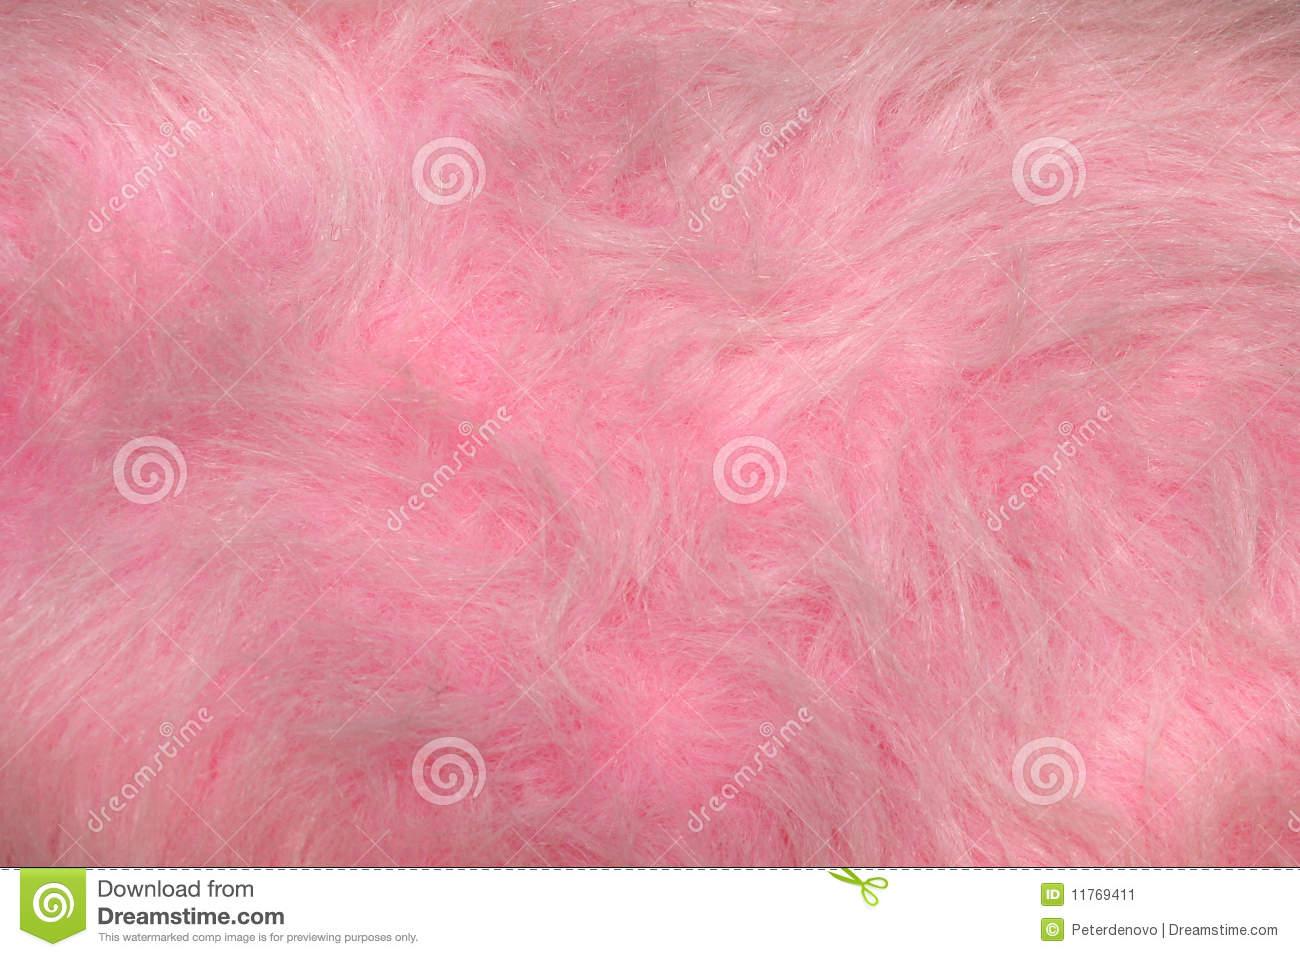 Pink Fur Wallpaper Full HD 1300x957